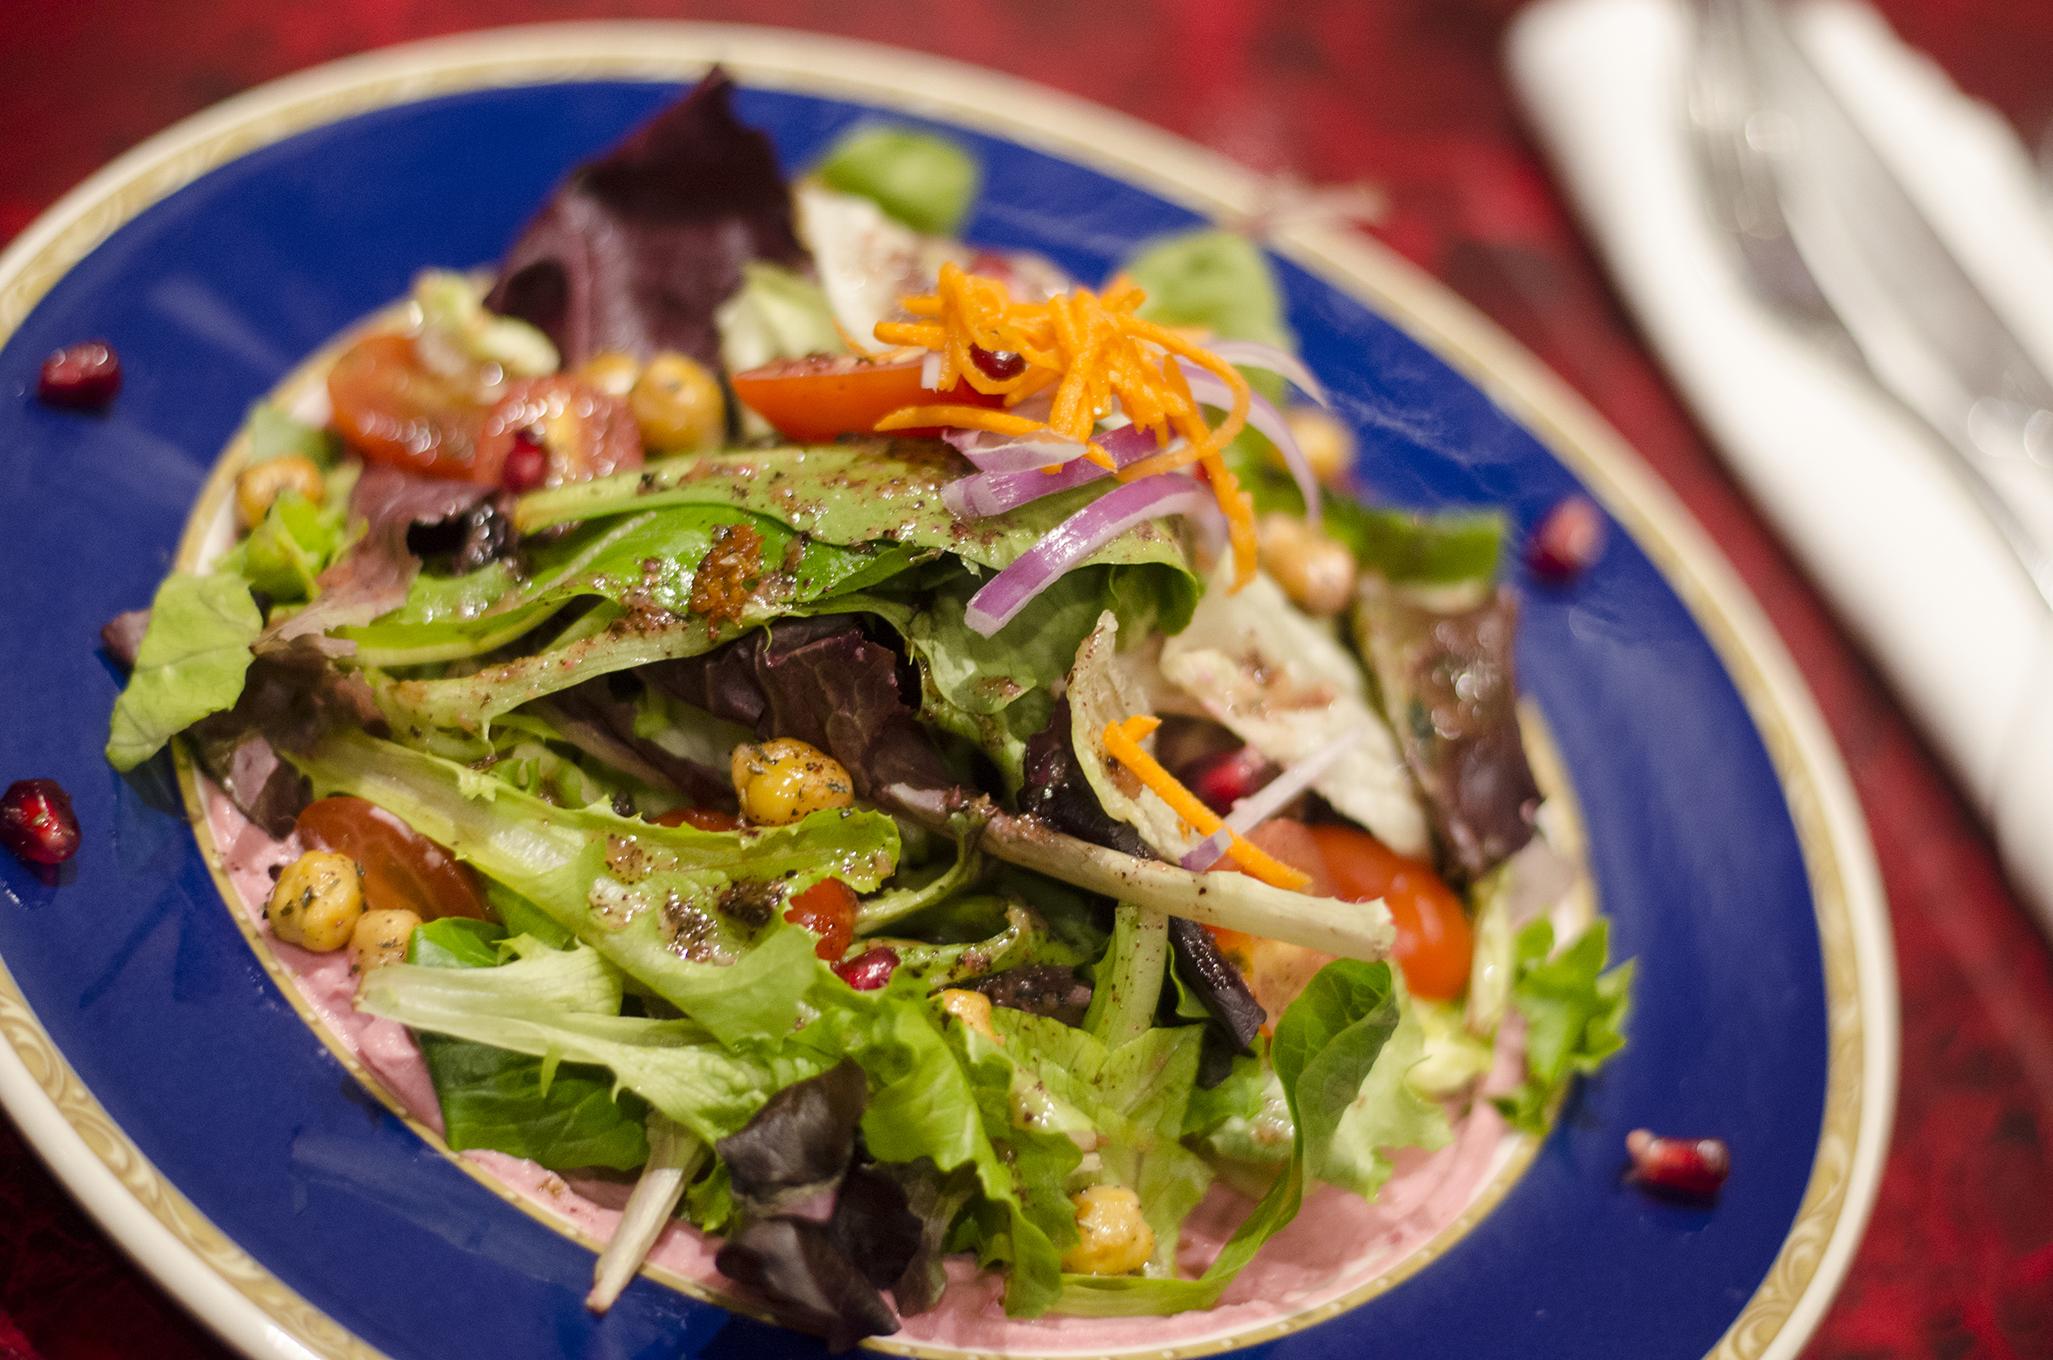 Rocca and beets salad from Mazaar in Windsor, Ontario.